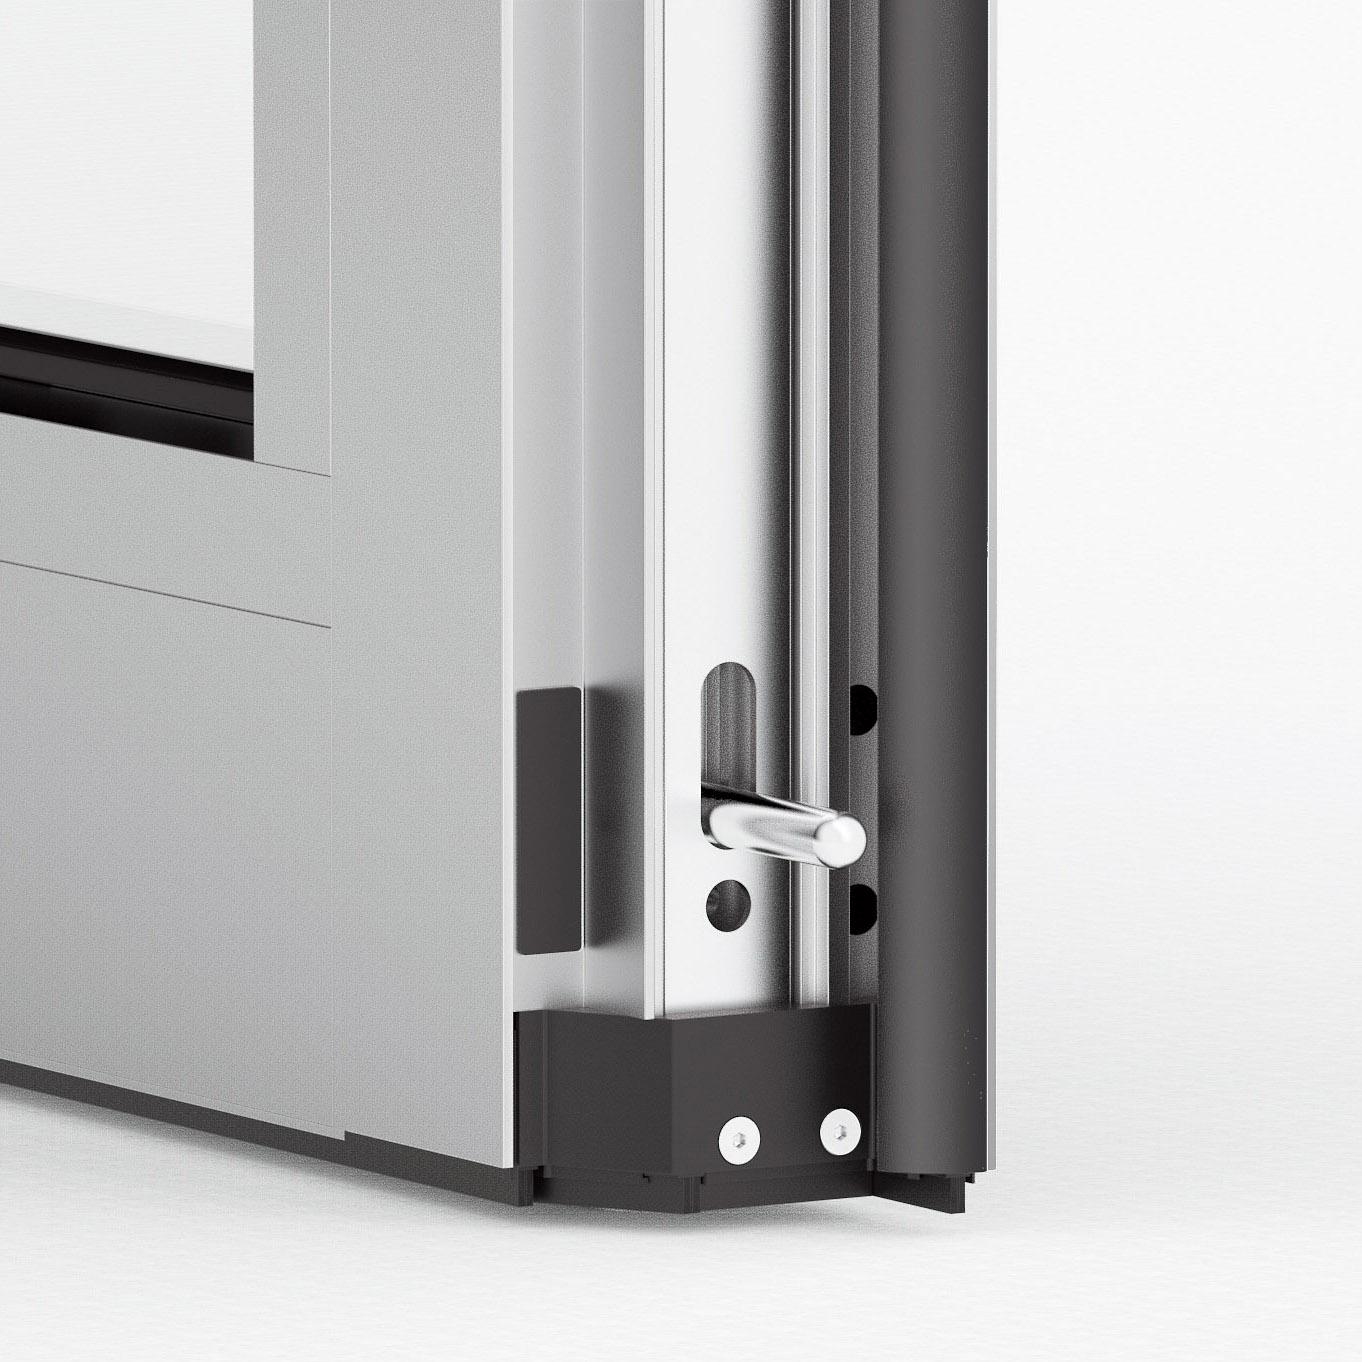 3D Visualisierung Aufbau Schiebetür Detail